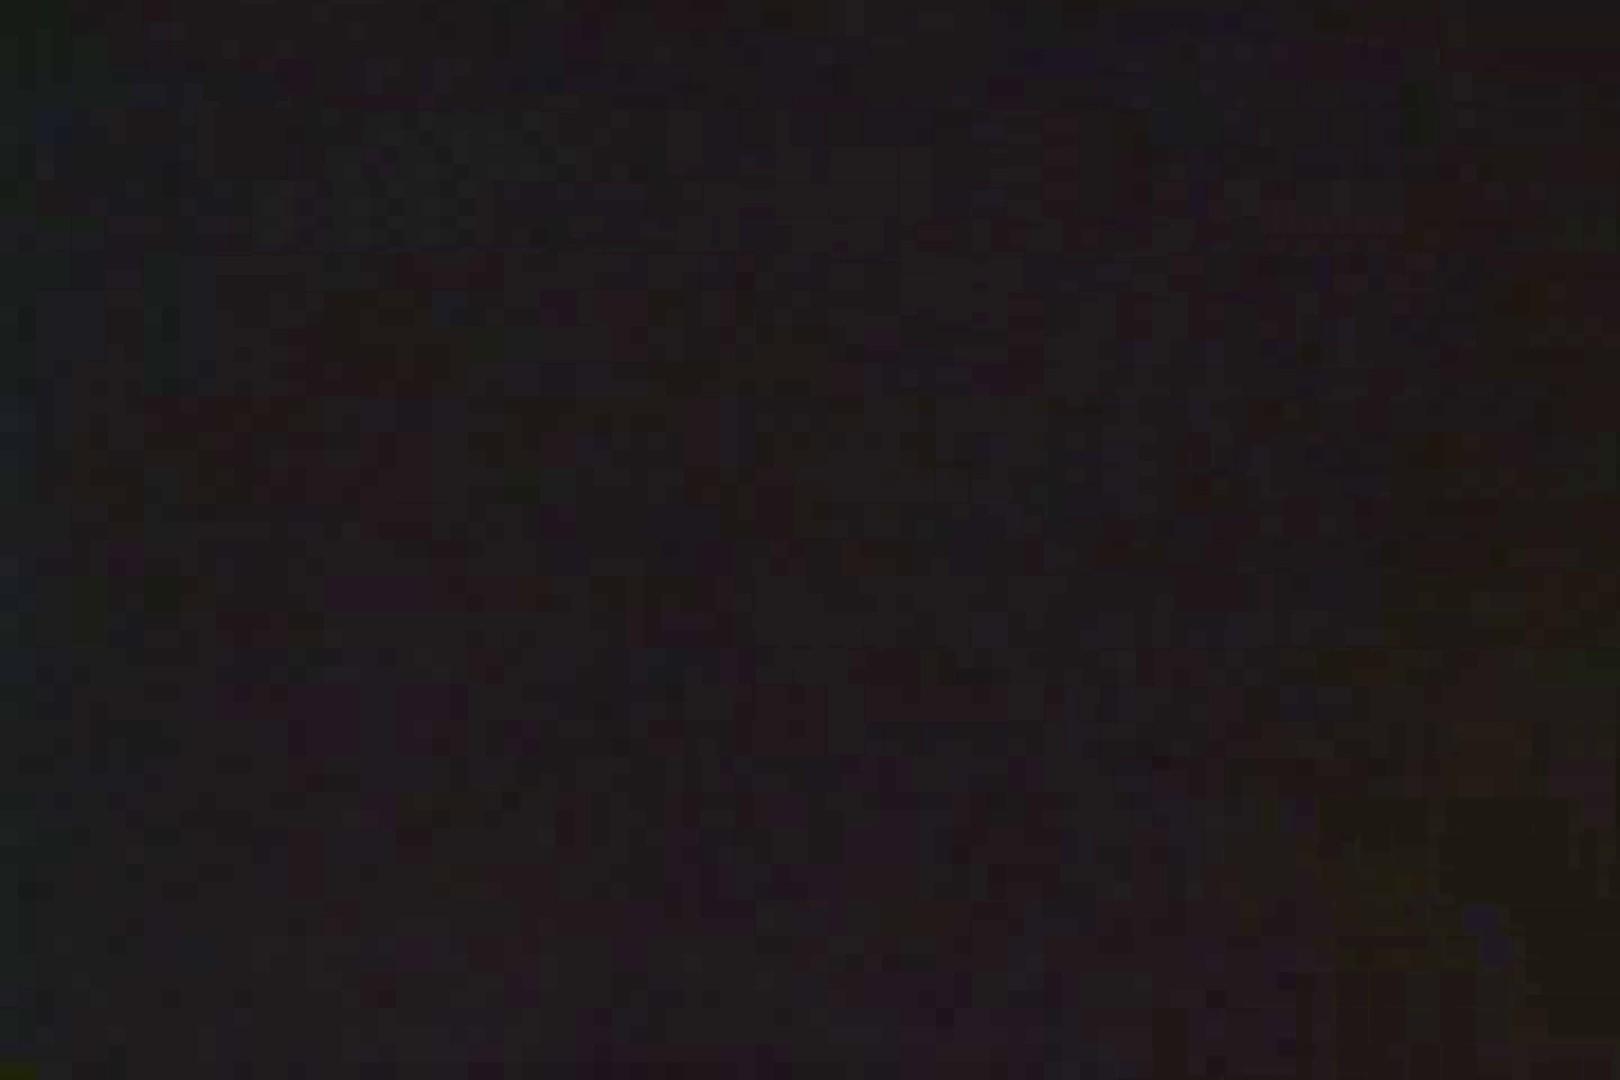 「ちくりん」さんのオリジナル未編集パンチラVol.1_01 独身エッチOL | チラ  92pic 72